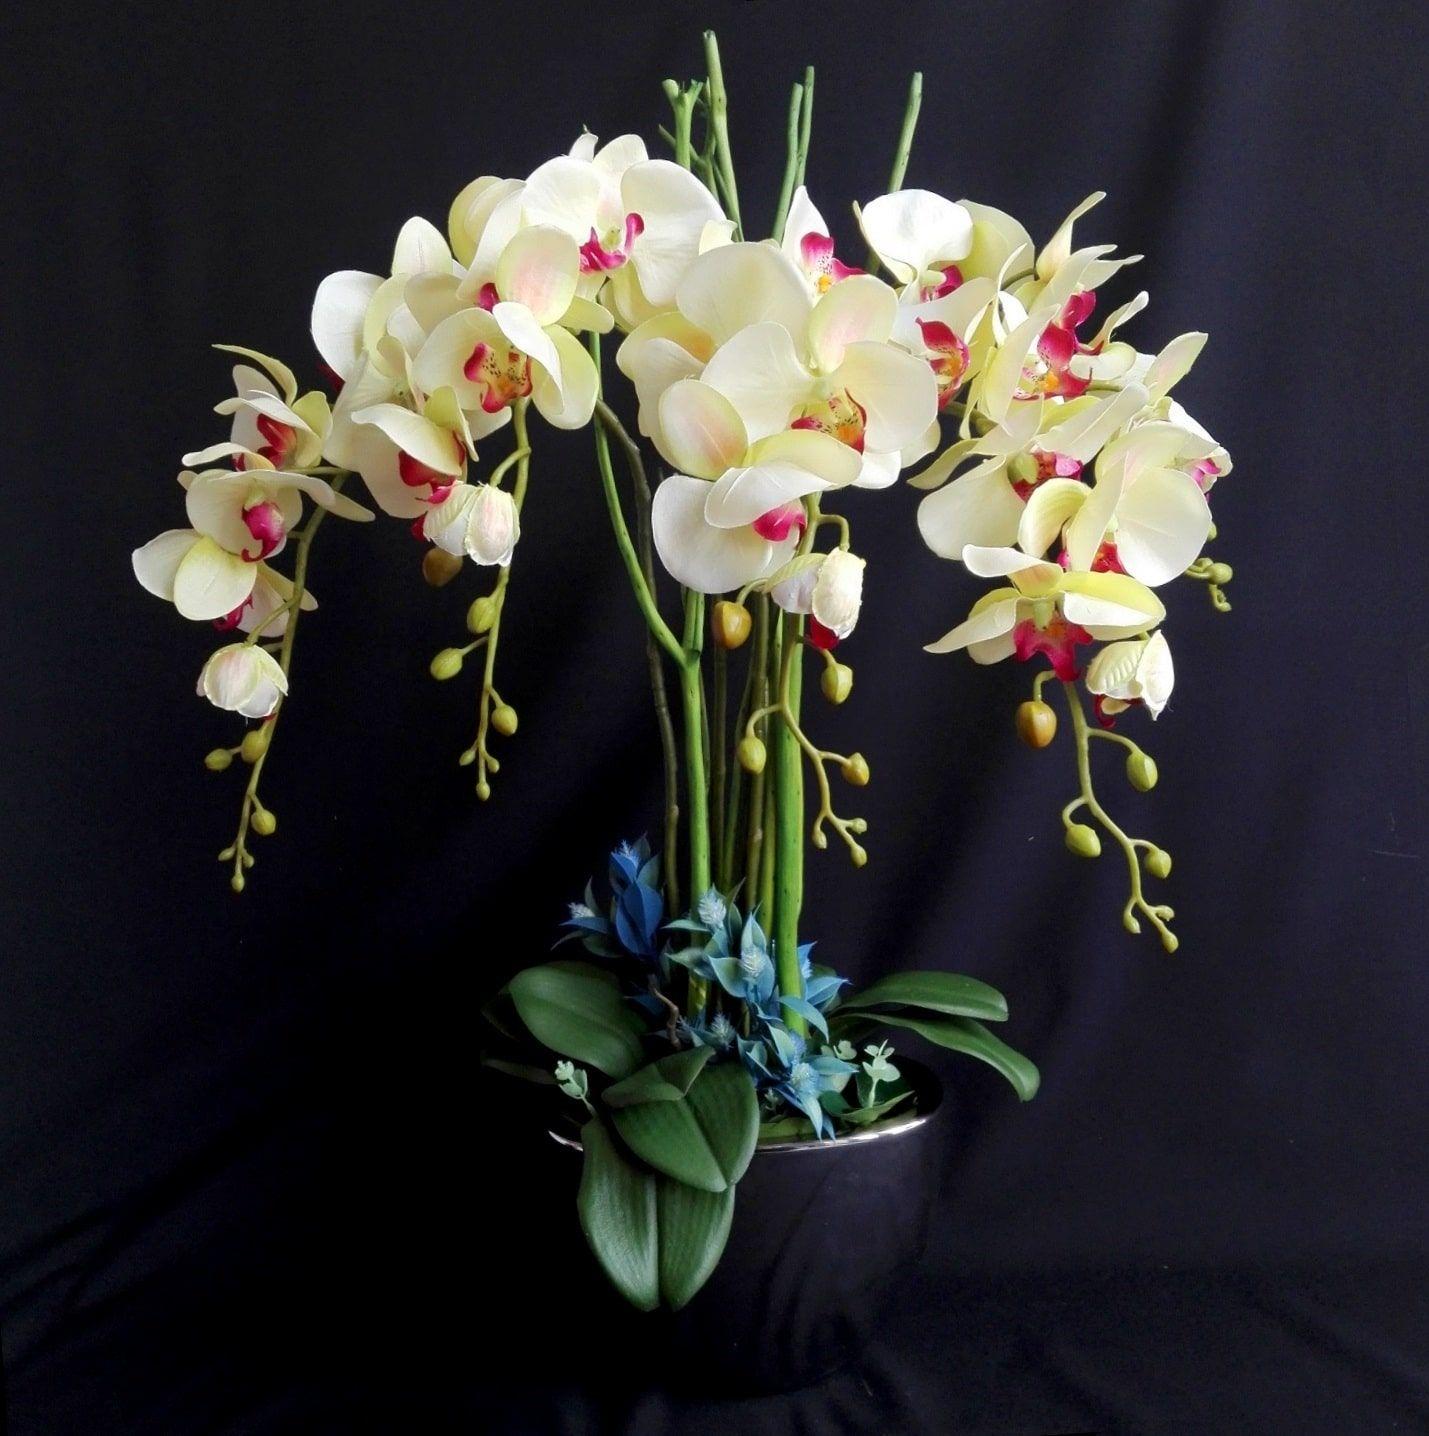 Sztuczny Storczyk Kompozycje Kwiatowe W 2019 Storczyki